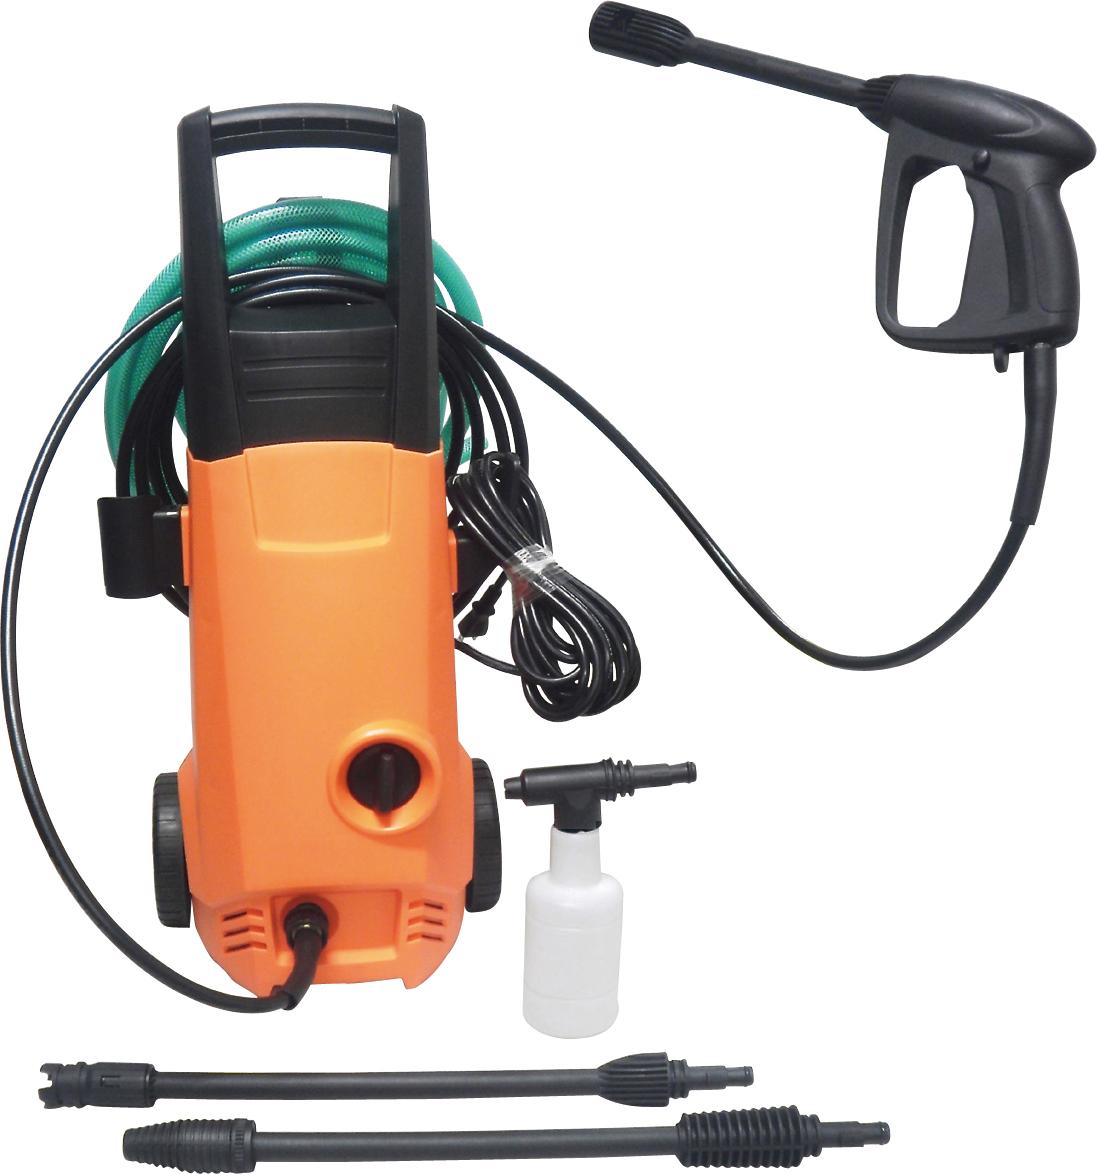 「工場で使える便利な通販」MonotaRO.com 4月24日(火)、大阪魂ブランドより「高圧洗浄機」を取り扱い開始 ~一般的な市場価格の半額以下の8,600円(税抜)で発売~